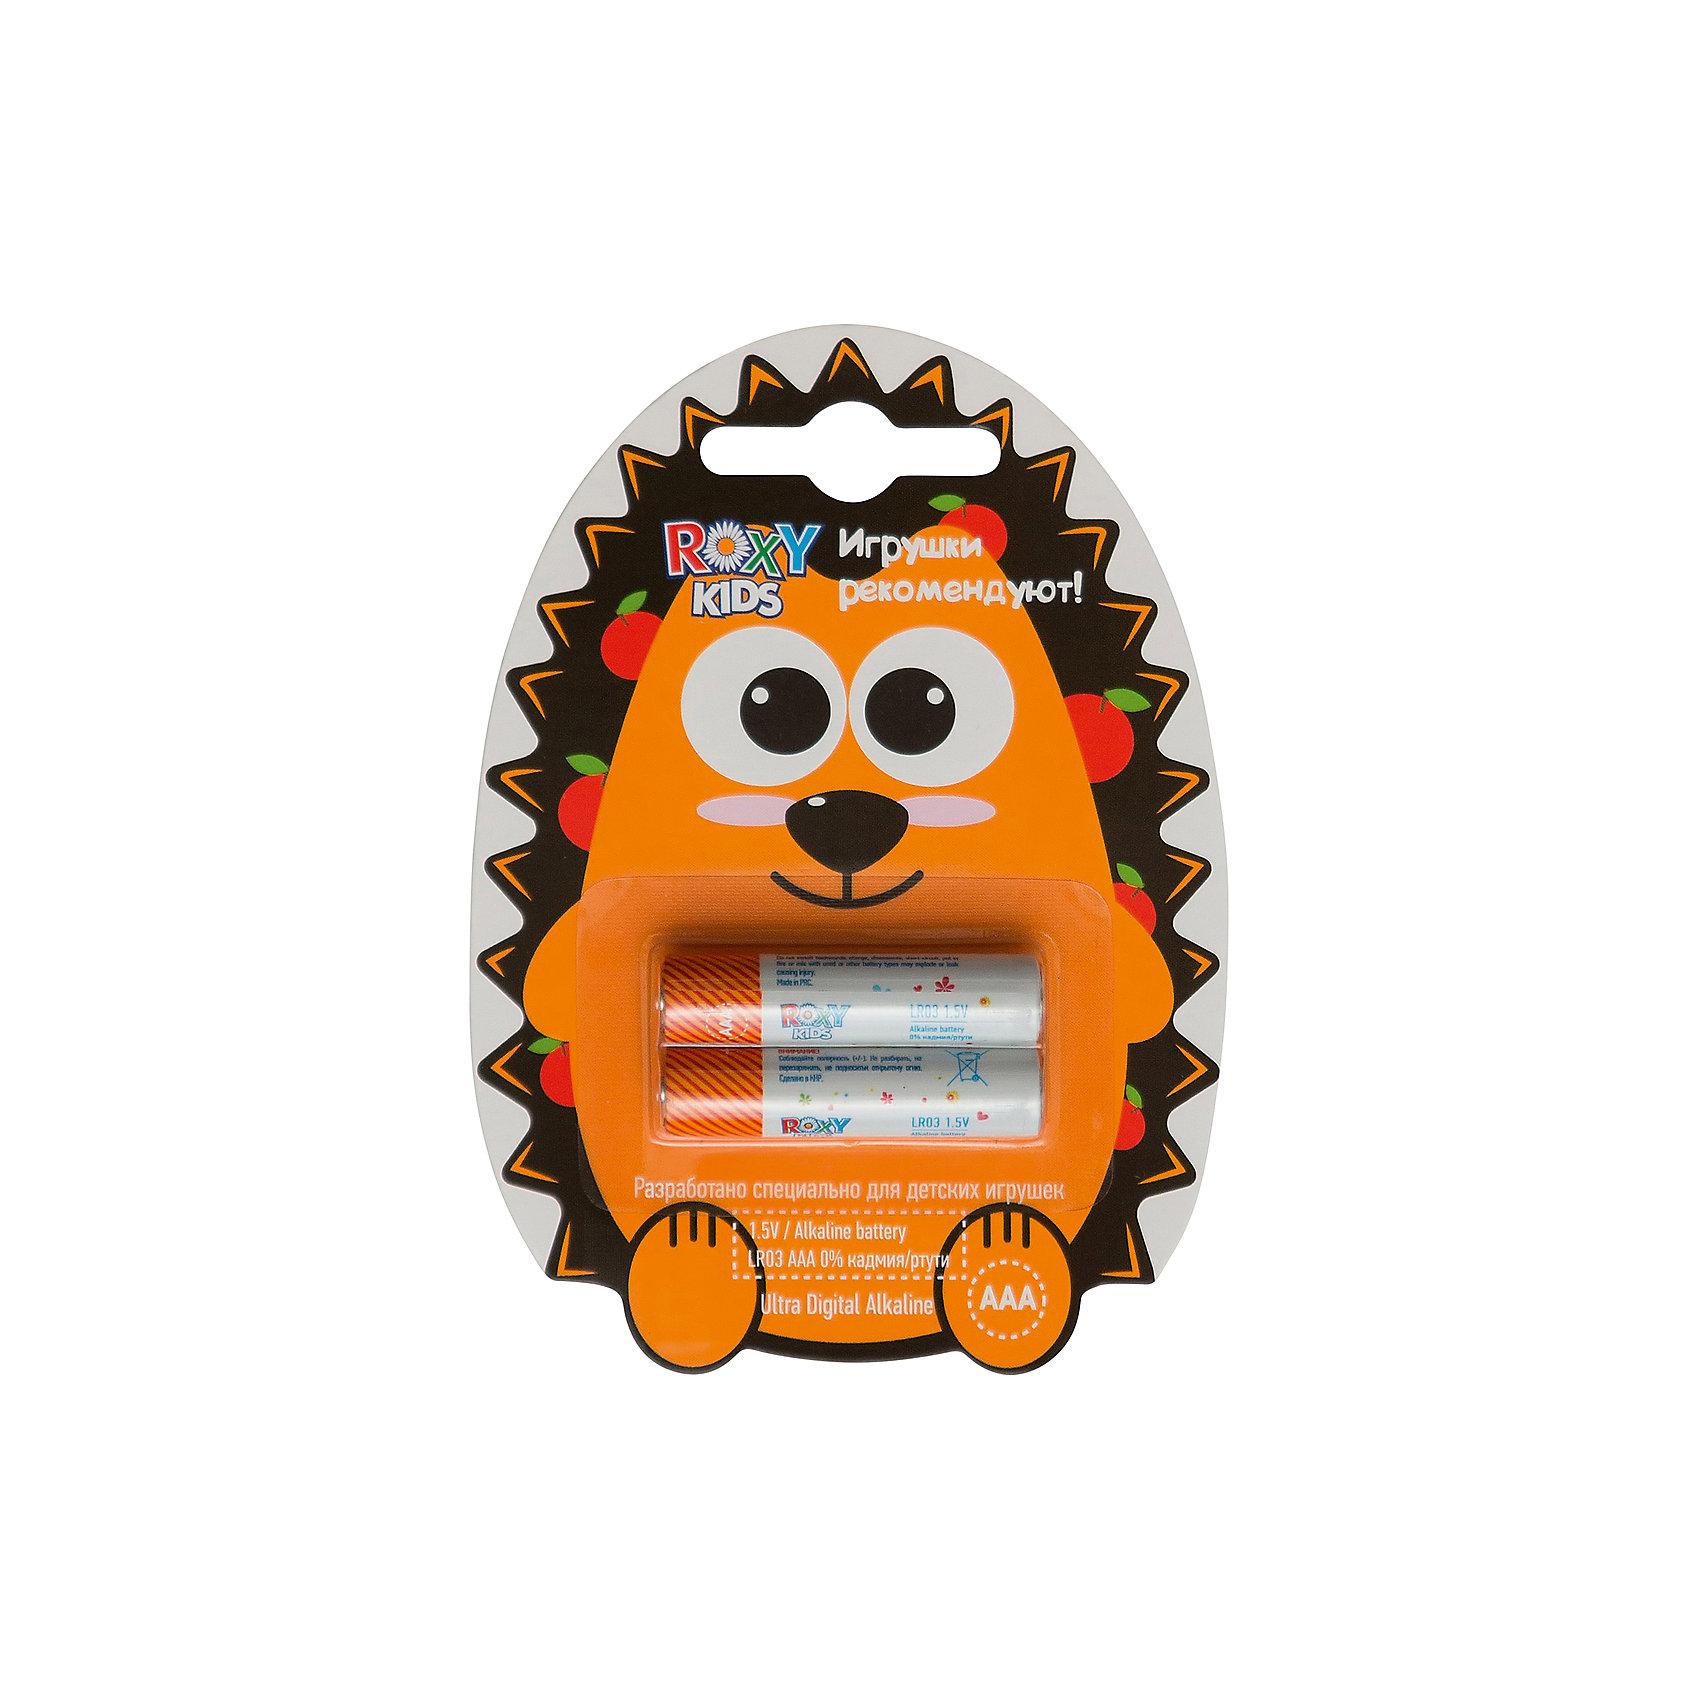 Батарейки для игрушек, тип ААА, 2 шт., Roxy-kidsДетская электроника<br>ЕЖИК - Alkaline Battery LR - щелочные (алкалиновые) батарейки. <br>Батарейки ROXY-KIDS - идеальное соотношение цены и продолжительности заряда для игрушек! Батарейки ROXY-KIDS - минимальная стоимость одного часа работы!<br><br>Дополнительная информация:<br><br>Тип батареек: ААА<br>В комплекте 2 шт.<br>В составе 0% ртути и кадмия. <br>Системы менеджмента качества и экологического менеджмента подтверждена в Нидерландах.<br><br>Батарейки, тип ААА, 1,5В, 2 шт., Roxy-kids можно купить в нашем магазине.<br><br>Ширина мм: 110<br>Глубина мм: 80<br>Высота мм: 10<br>Вес г: 40<br>Возраст от месяцев: 192<br>Возраст до месяцев: 1188<br>Пол: Унисекс<br>Возраст: Детский<br>SKU: 4188902